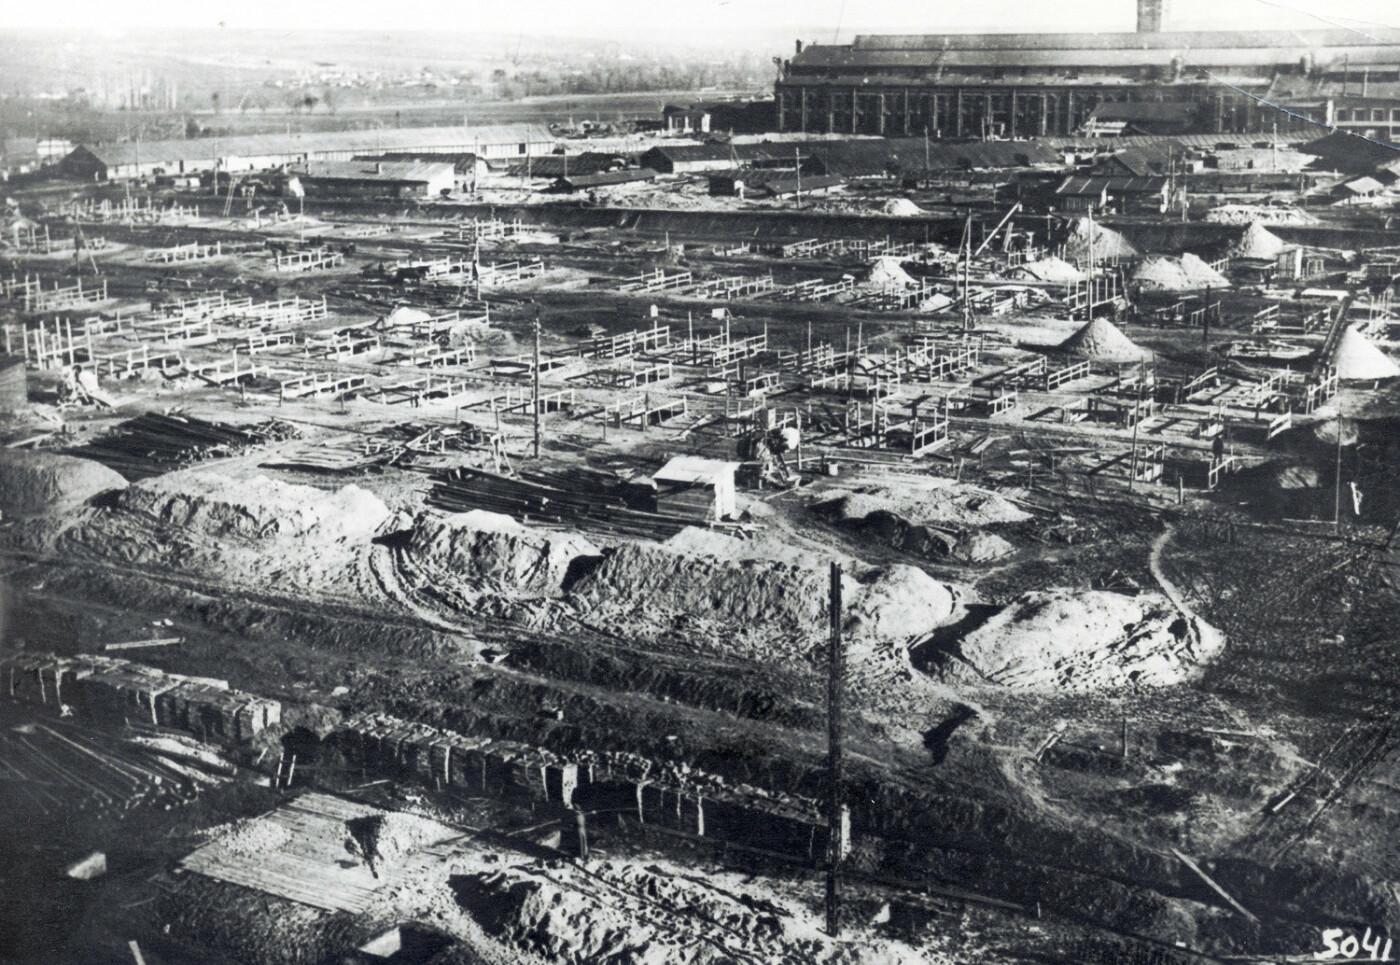 История мощнейшего харьковского завода. От изготовления оружия до восстановления города, - ФОТО, фото-1